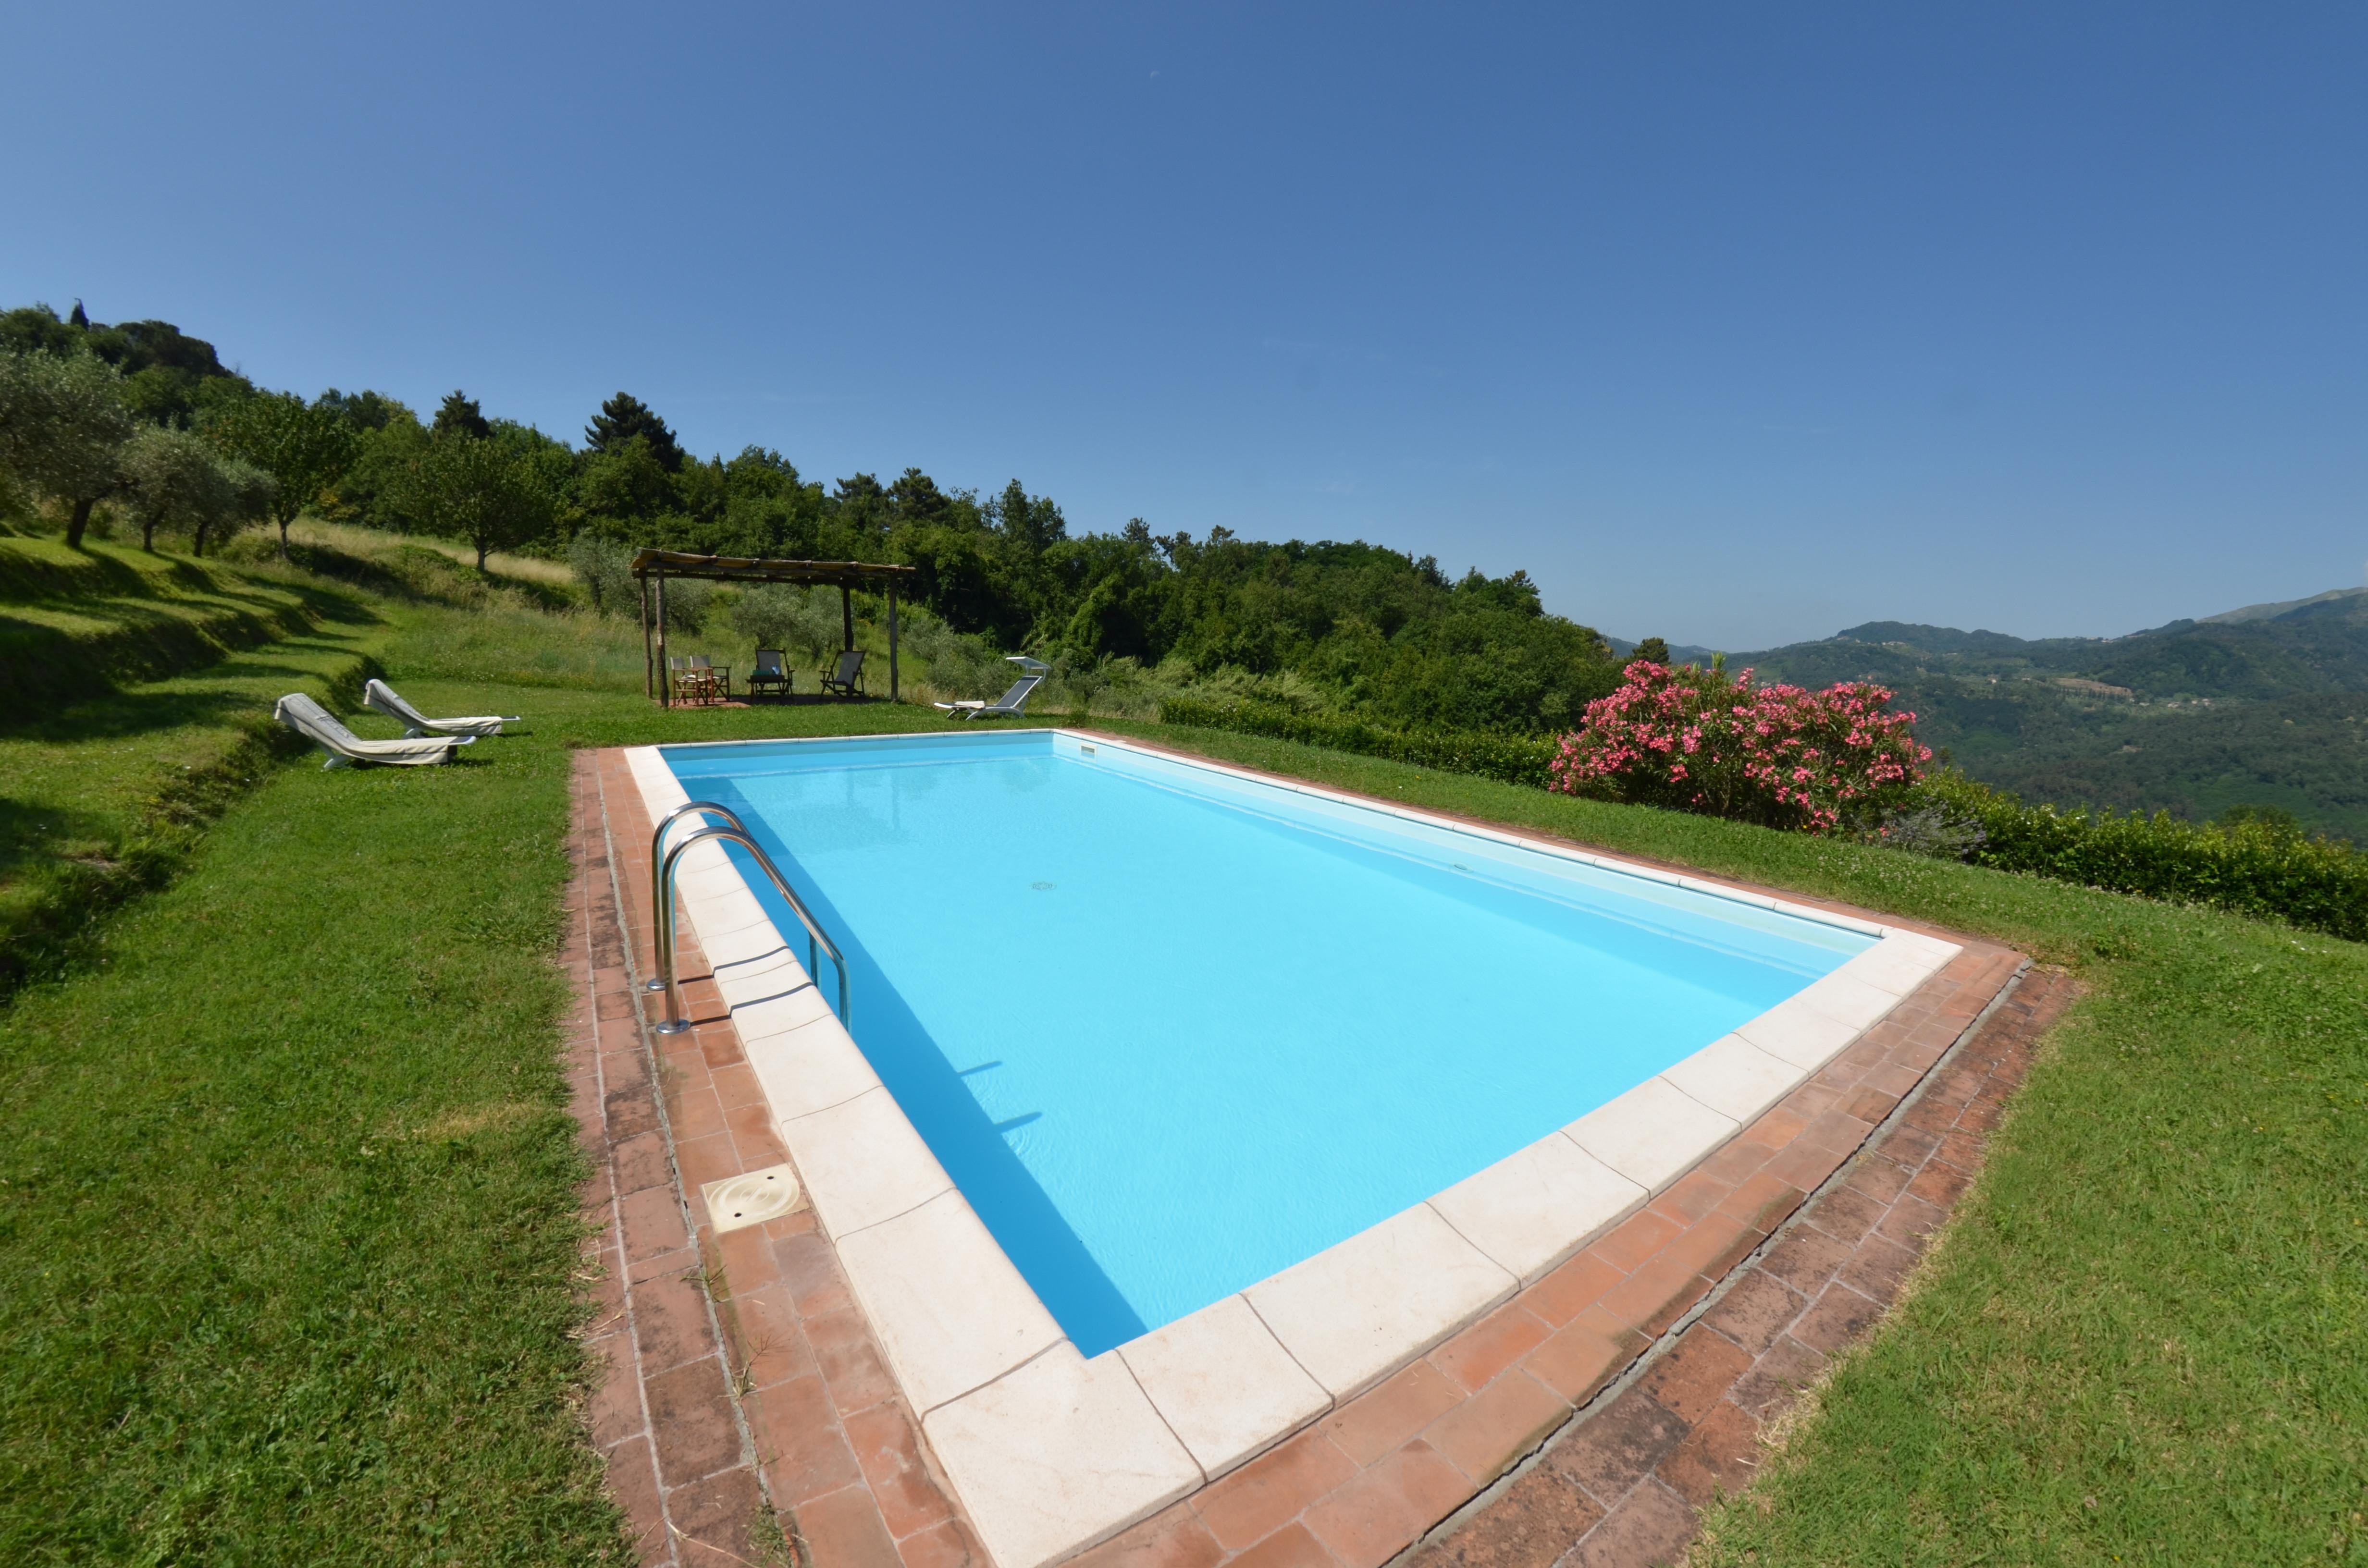 Villa La Terrazza in San Martino In Freddana - Italian Breaks